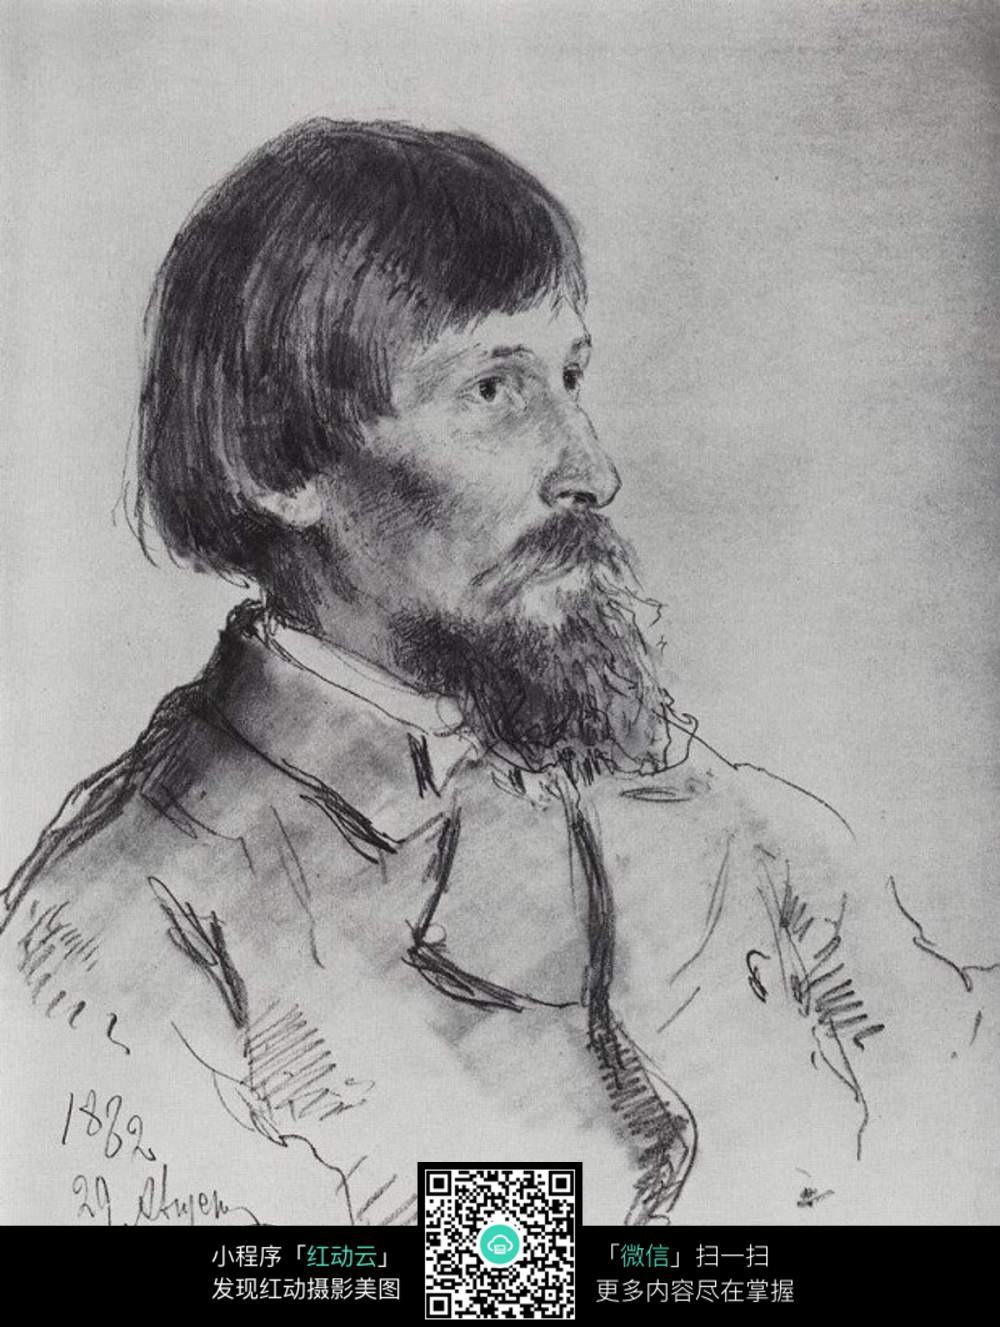 英国男子侧面肖像素描图片免费下载 红动网